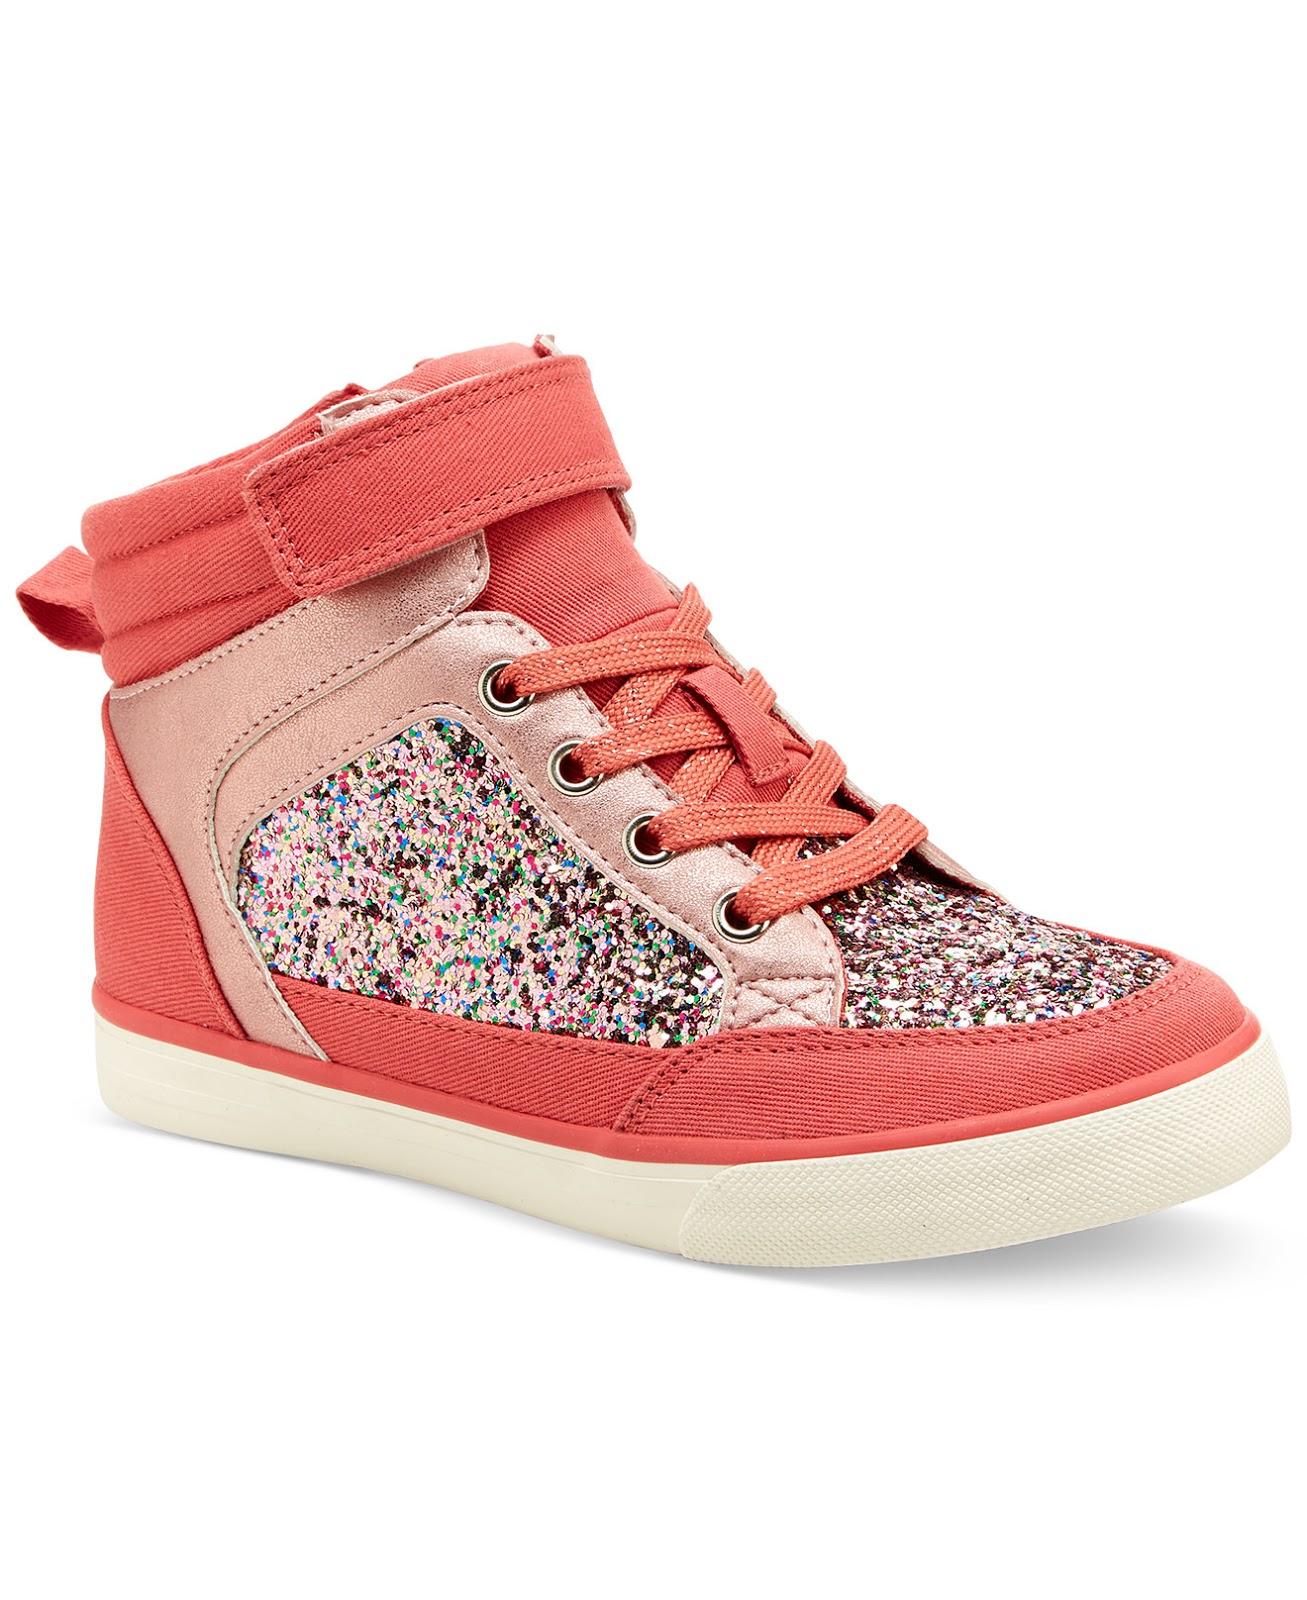 Imágenes de zapatos para niña